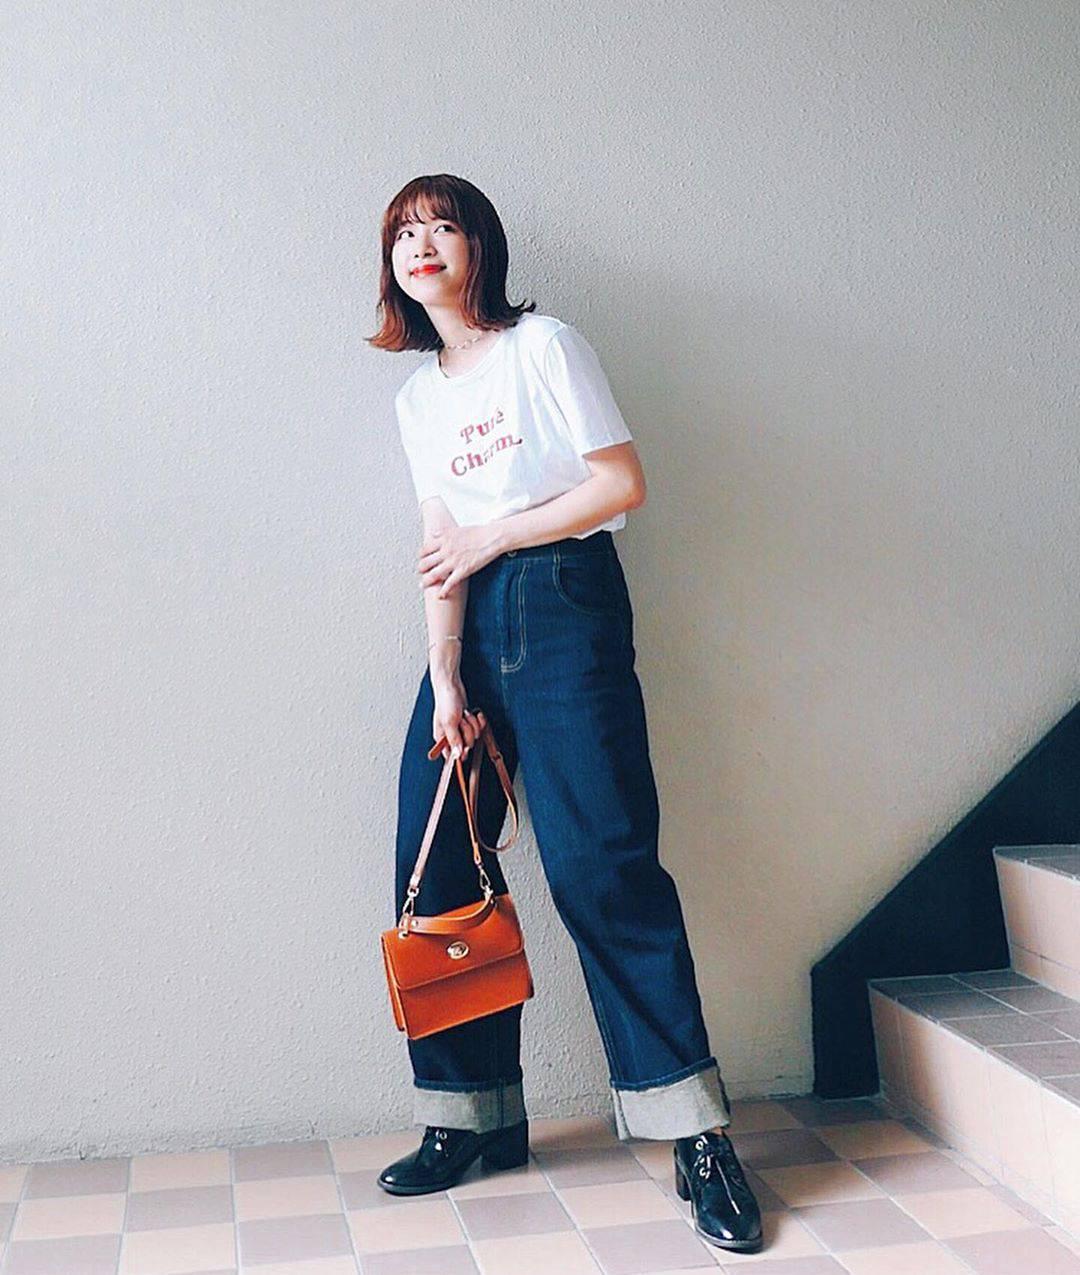 最高気温21度・最低気温18度 natsu_outfitsの服装